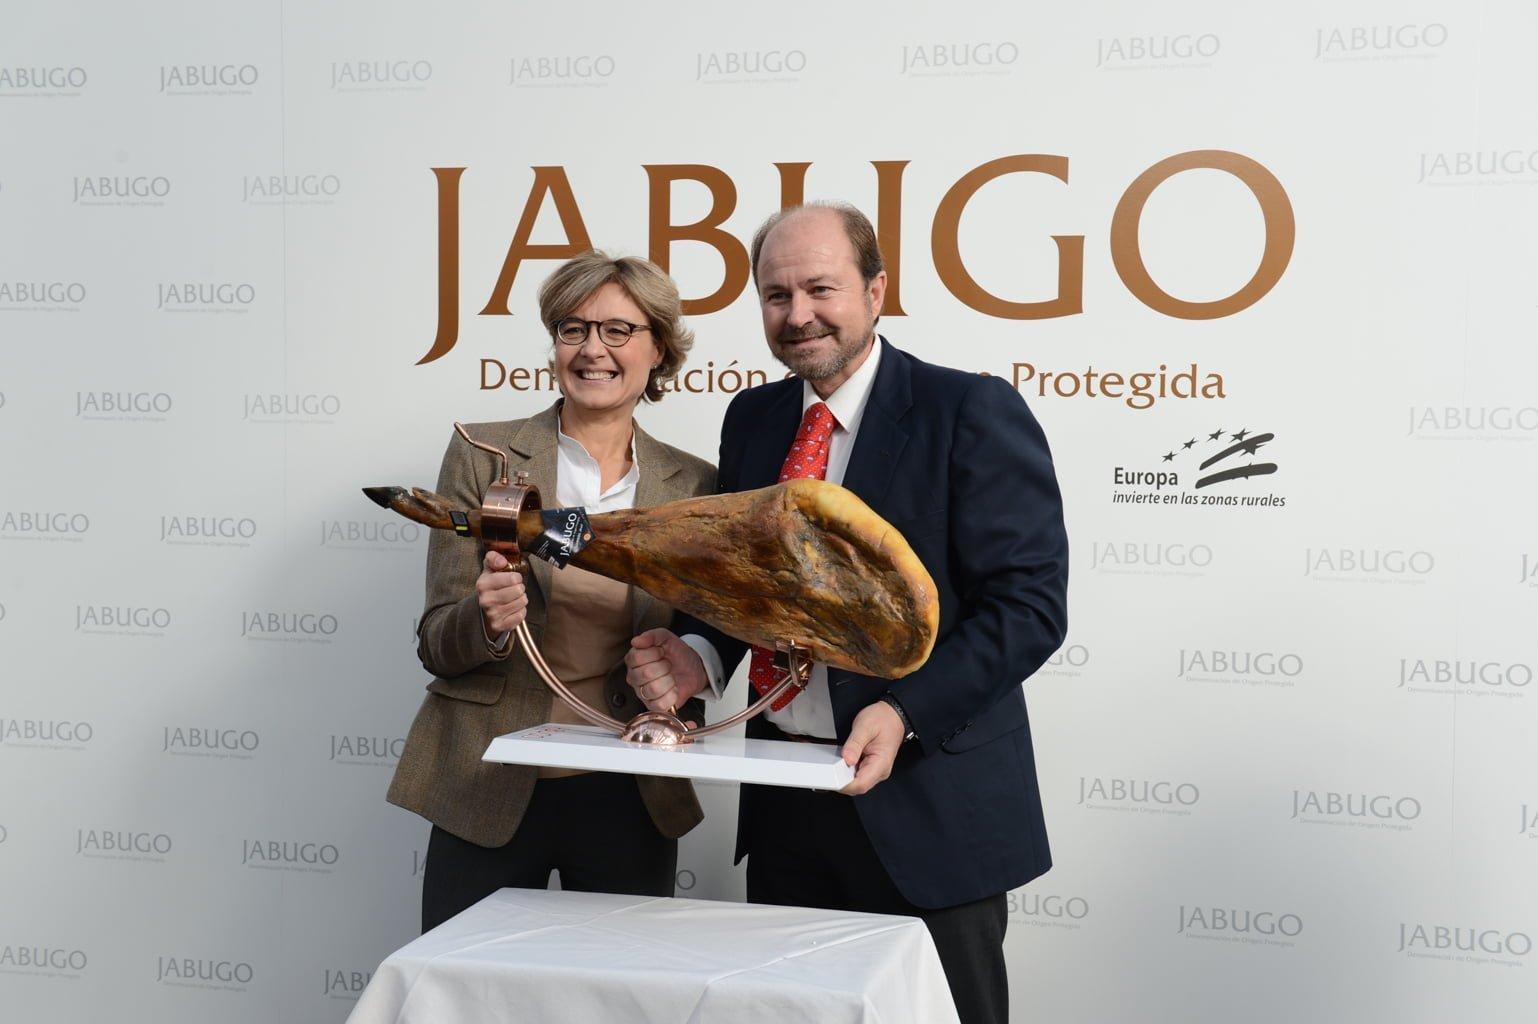 La ministra de Agricultura, García Tejerina, junto a Guillermo García-Palacios Álvarez, presidente de la DOP Jabugo.